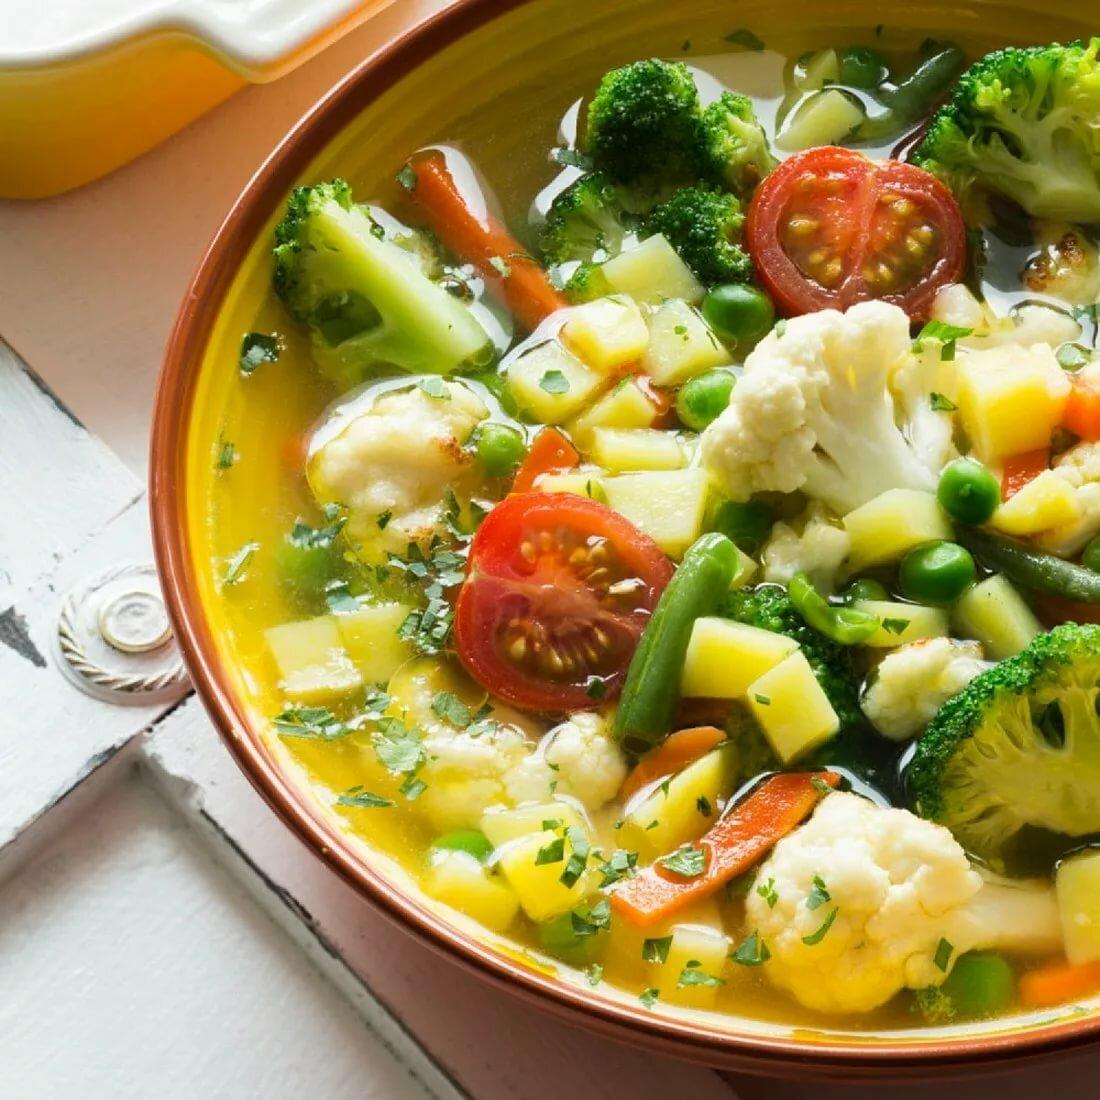 блюда из замороженных овощей рецепты с фото главной